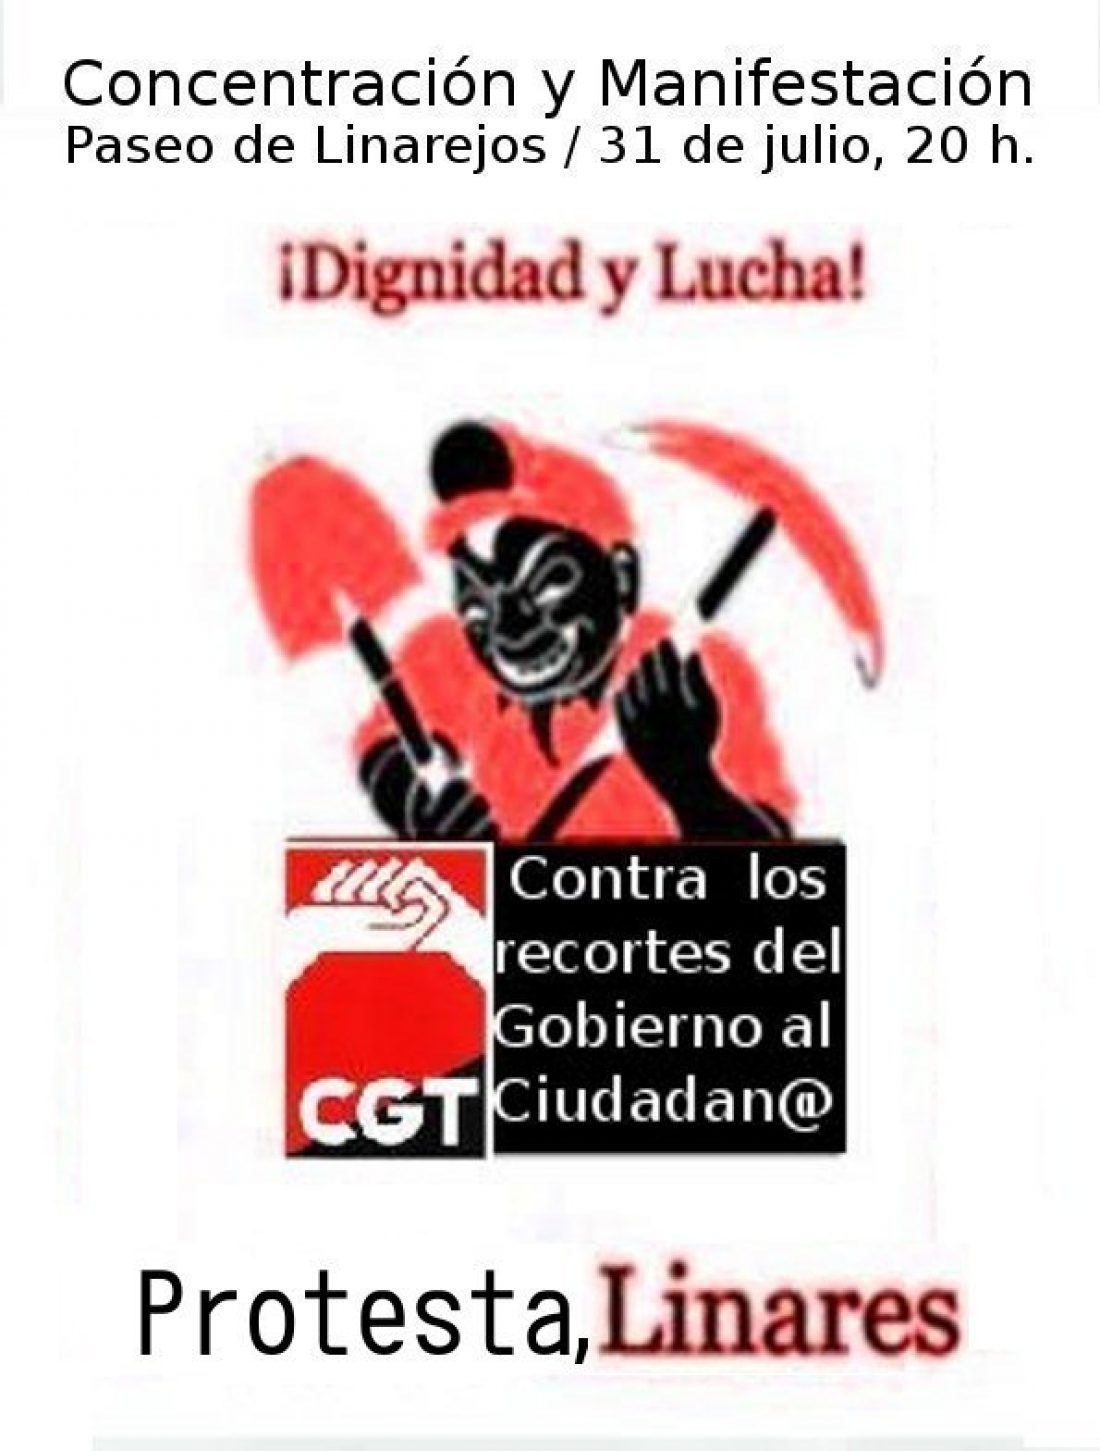 Protesta, Linares. Concentración y manifestación el 31 de julio. Dignidad y lucha